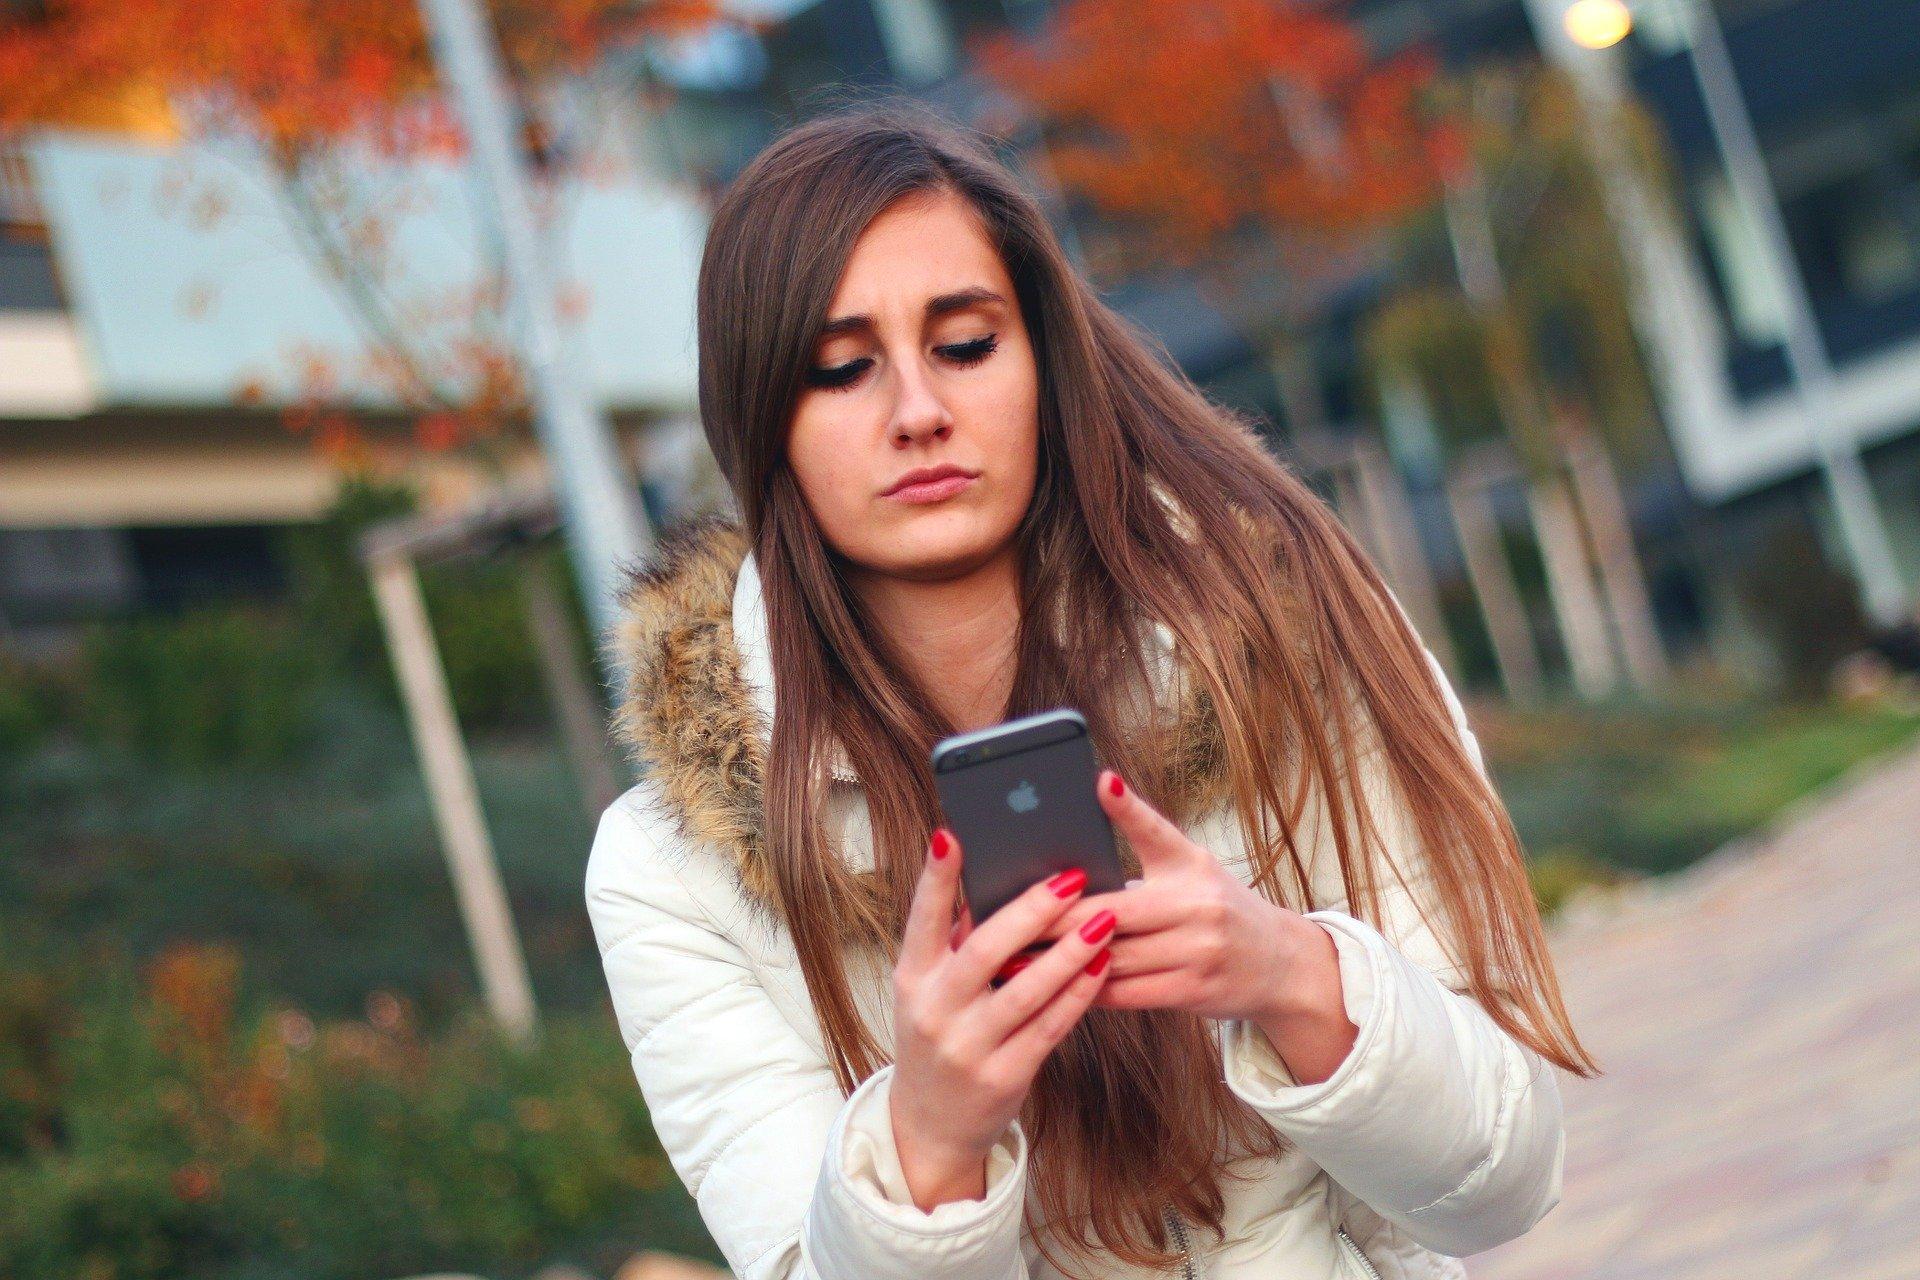 女性がスマートフォンをみている